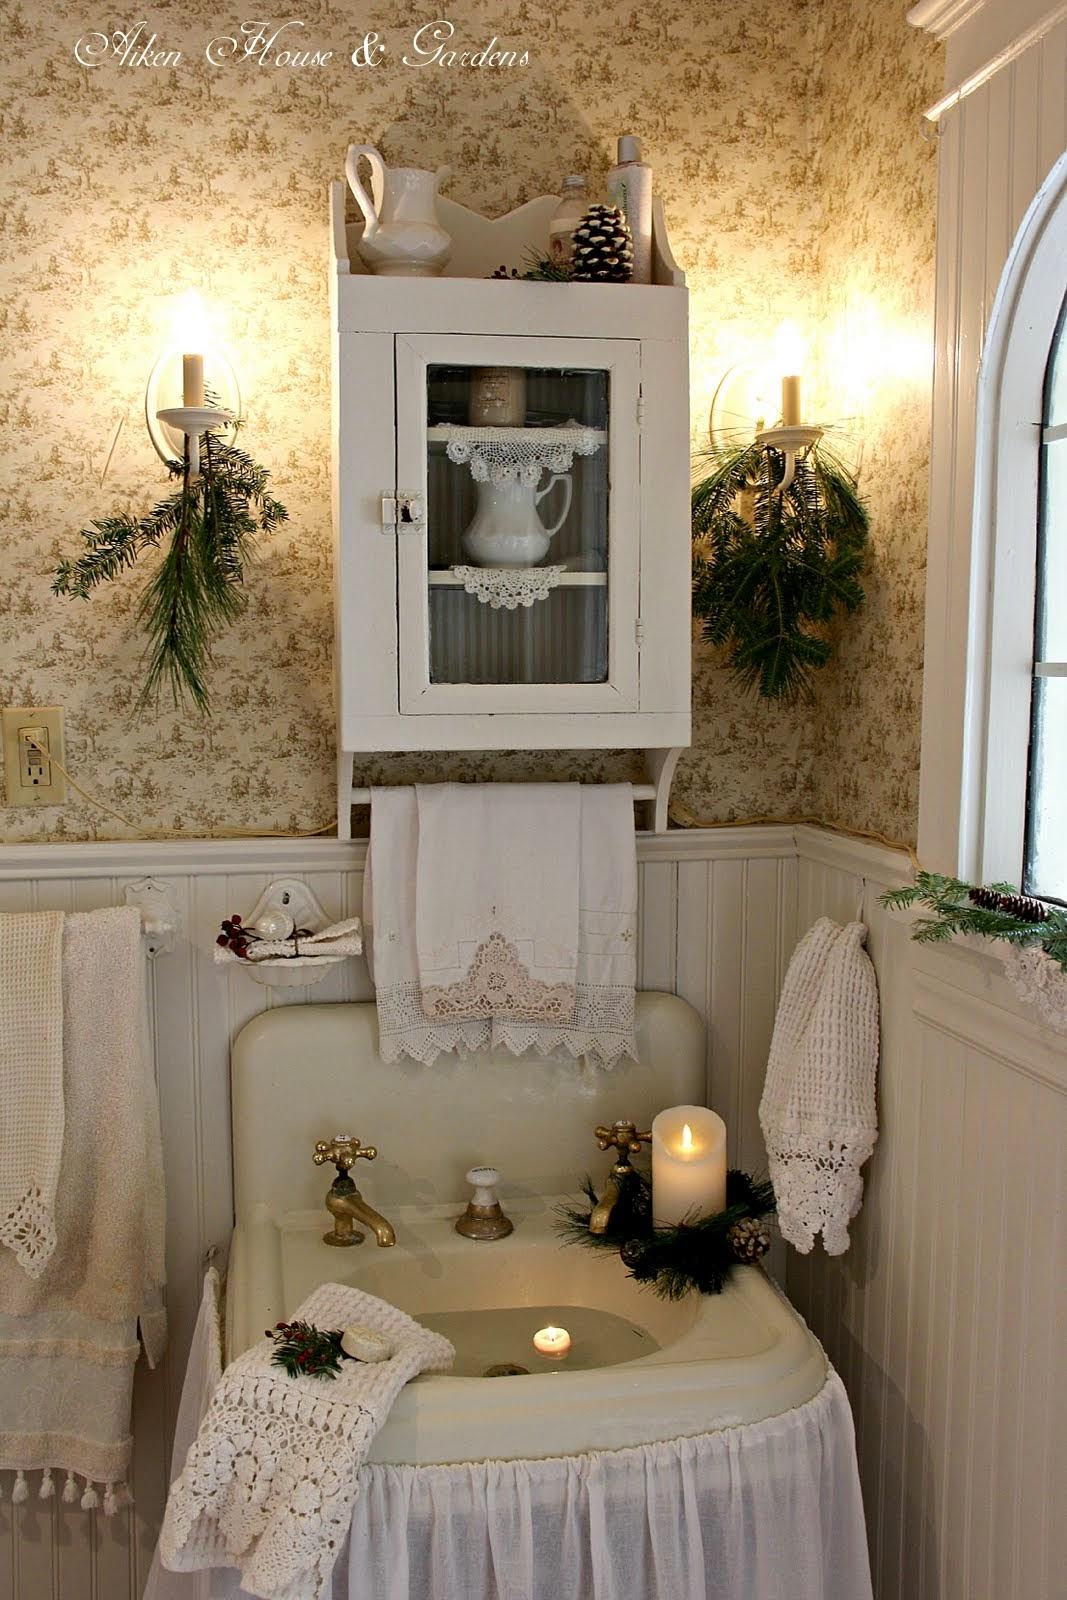 Aiken House Amp Gardens Our Bathroom At Christmas